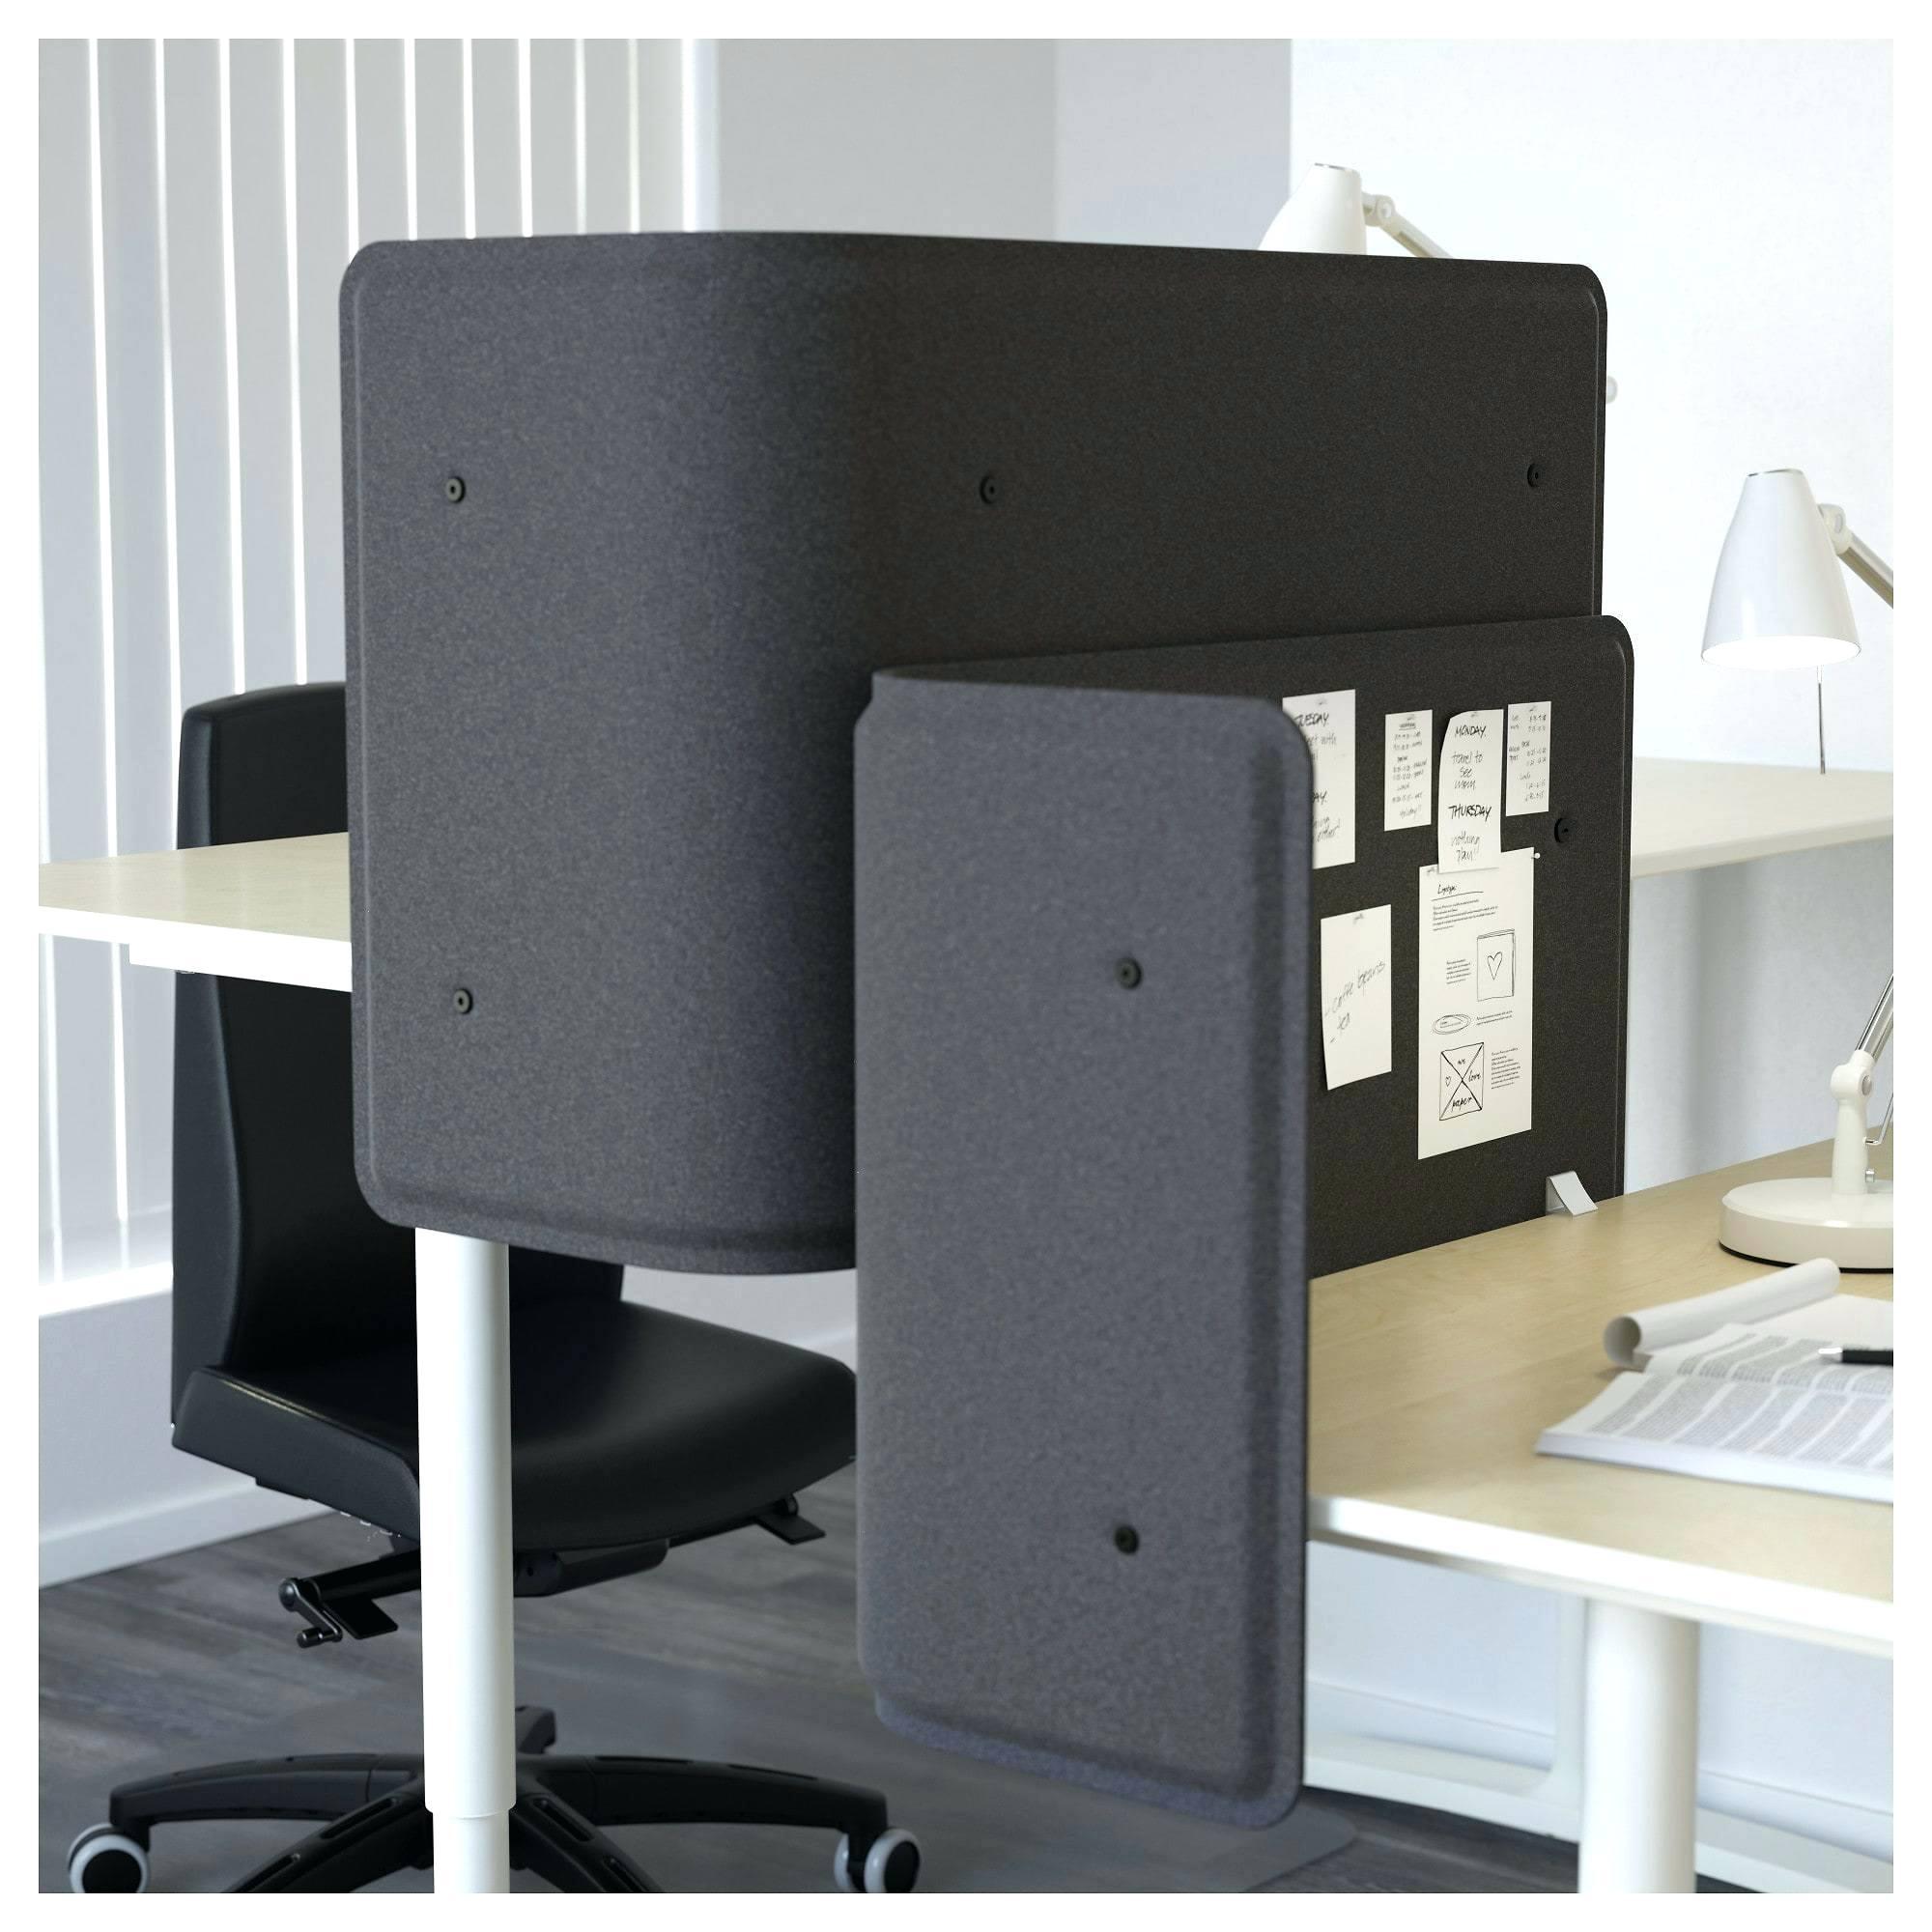 Full Size of Schreibtisch Dekorieren Ikea Modulküche Trennwand Garten Küche Kaufen Kosten Sofa Mit Schlaffunktion Betten 160x200 Bei Glastrennwand Dusche Miniküche Wohnzimmer Trennwand Ikea